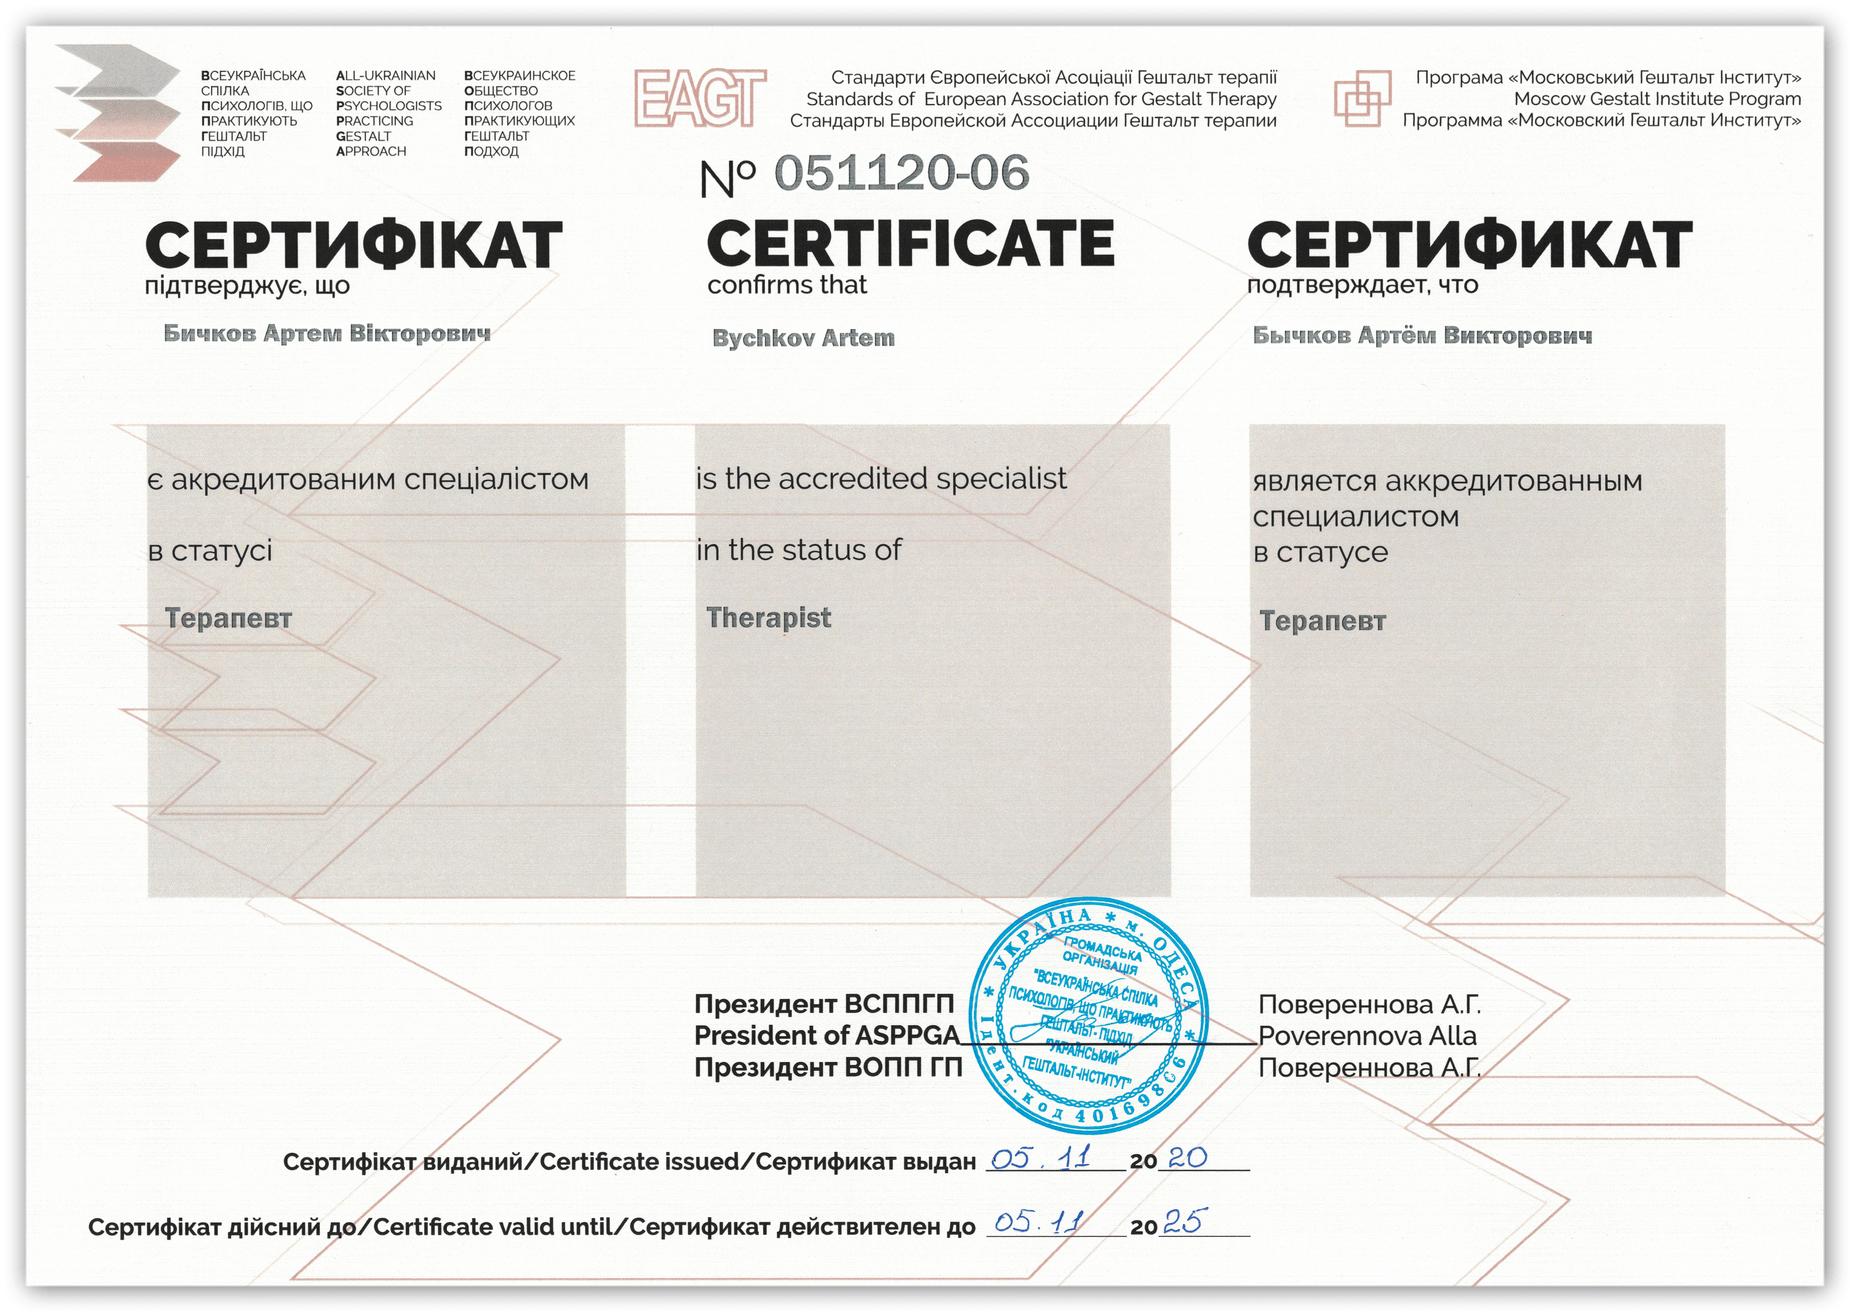 Сертификат об аккредитации Артём Бычков